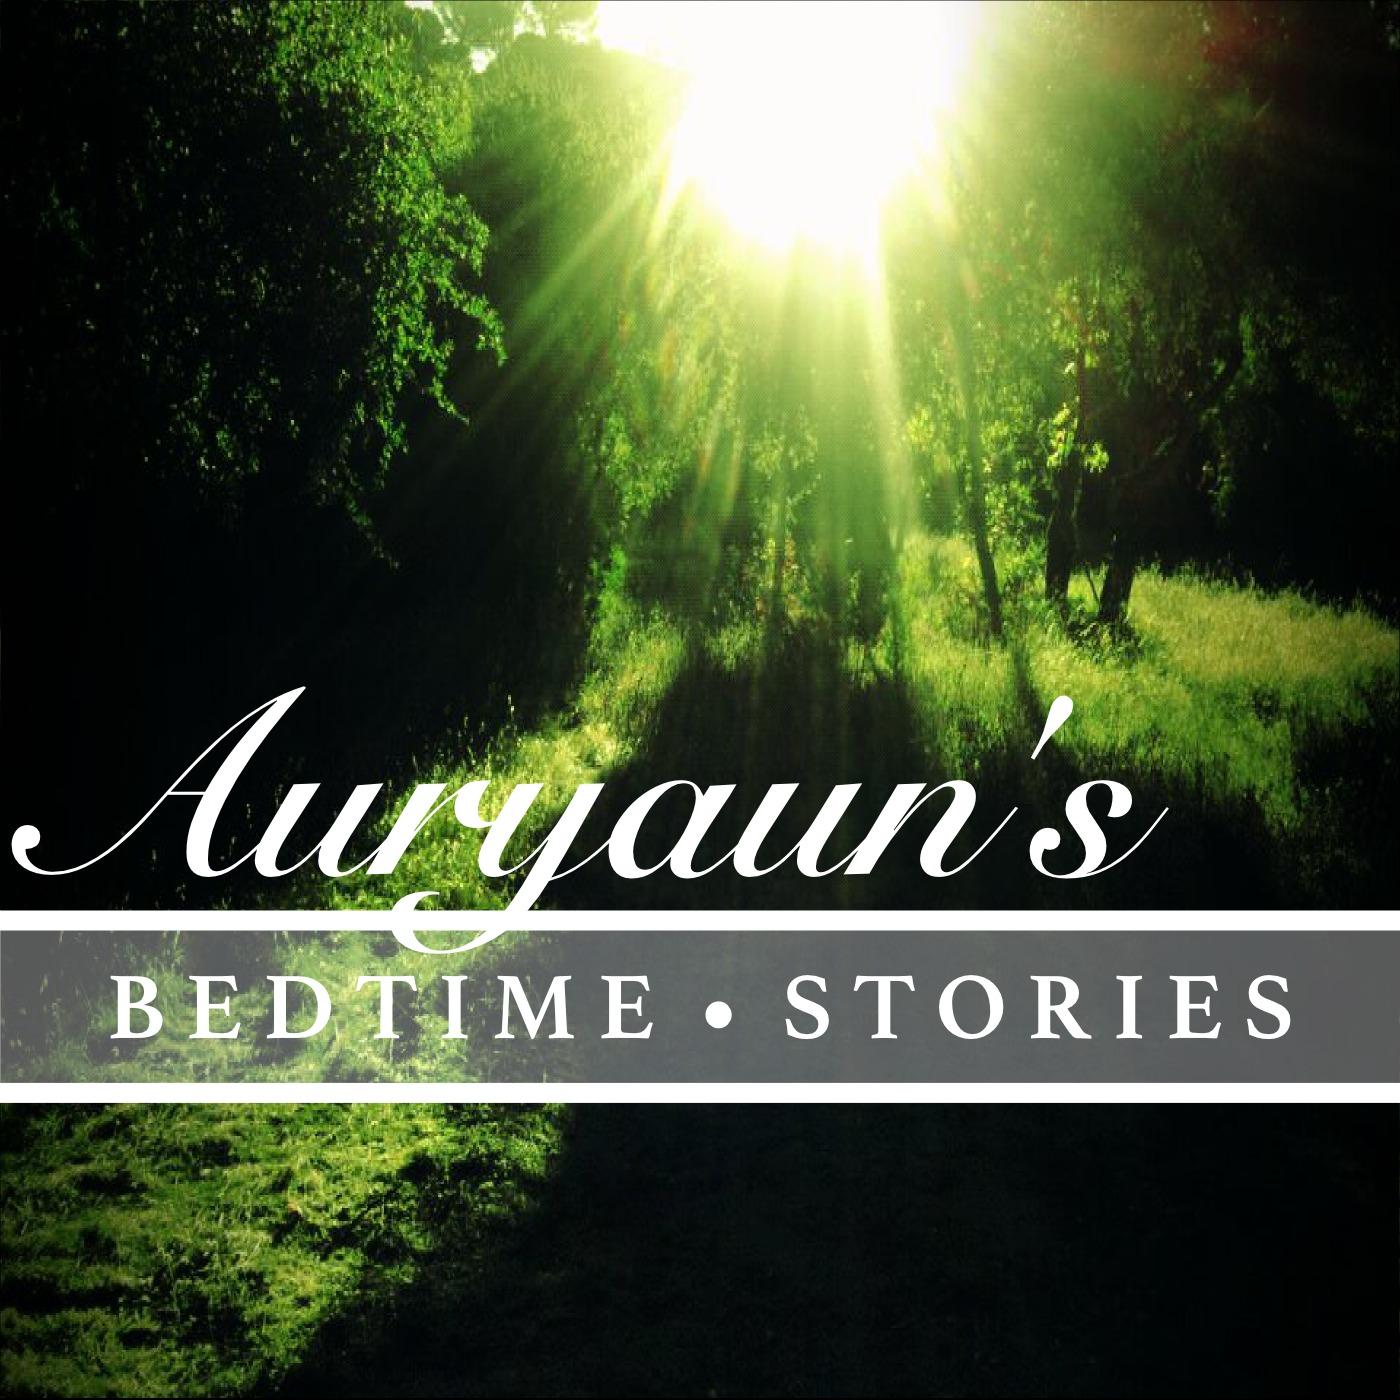 Auryaun's Bedtime Stories